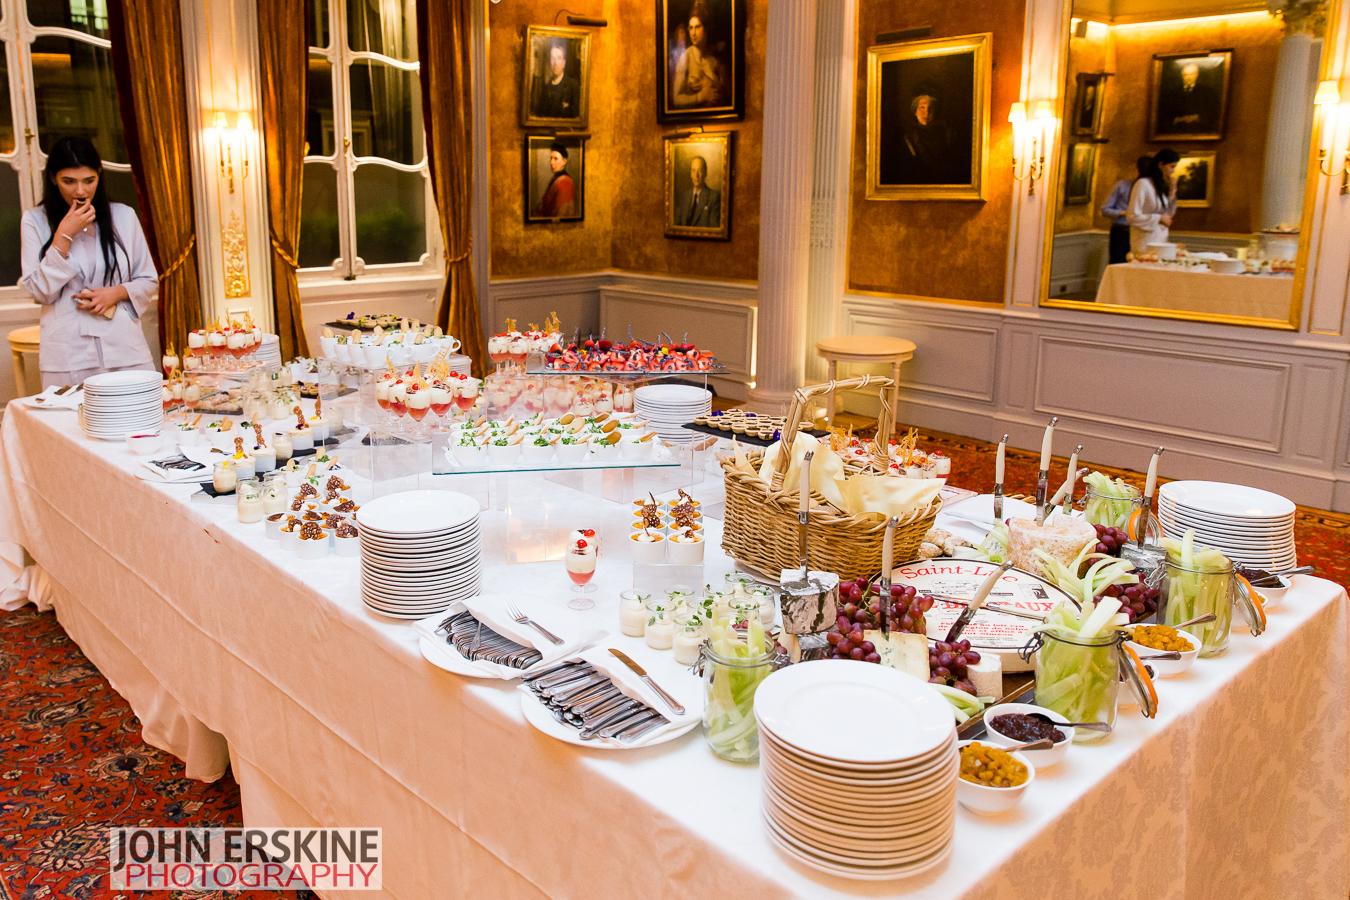 Unique Venues of London Mayfair Wedding Venue Dessert Table